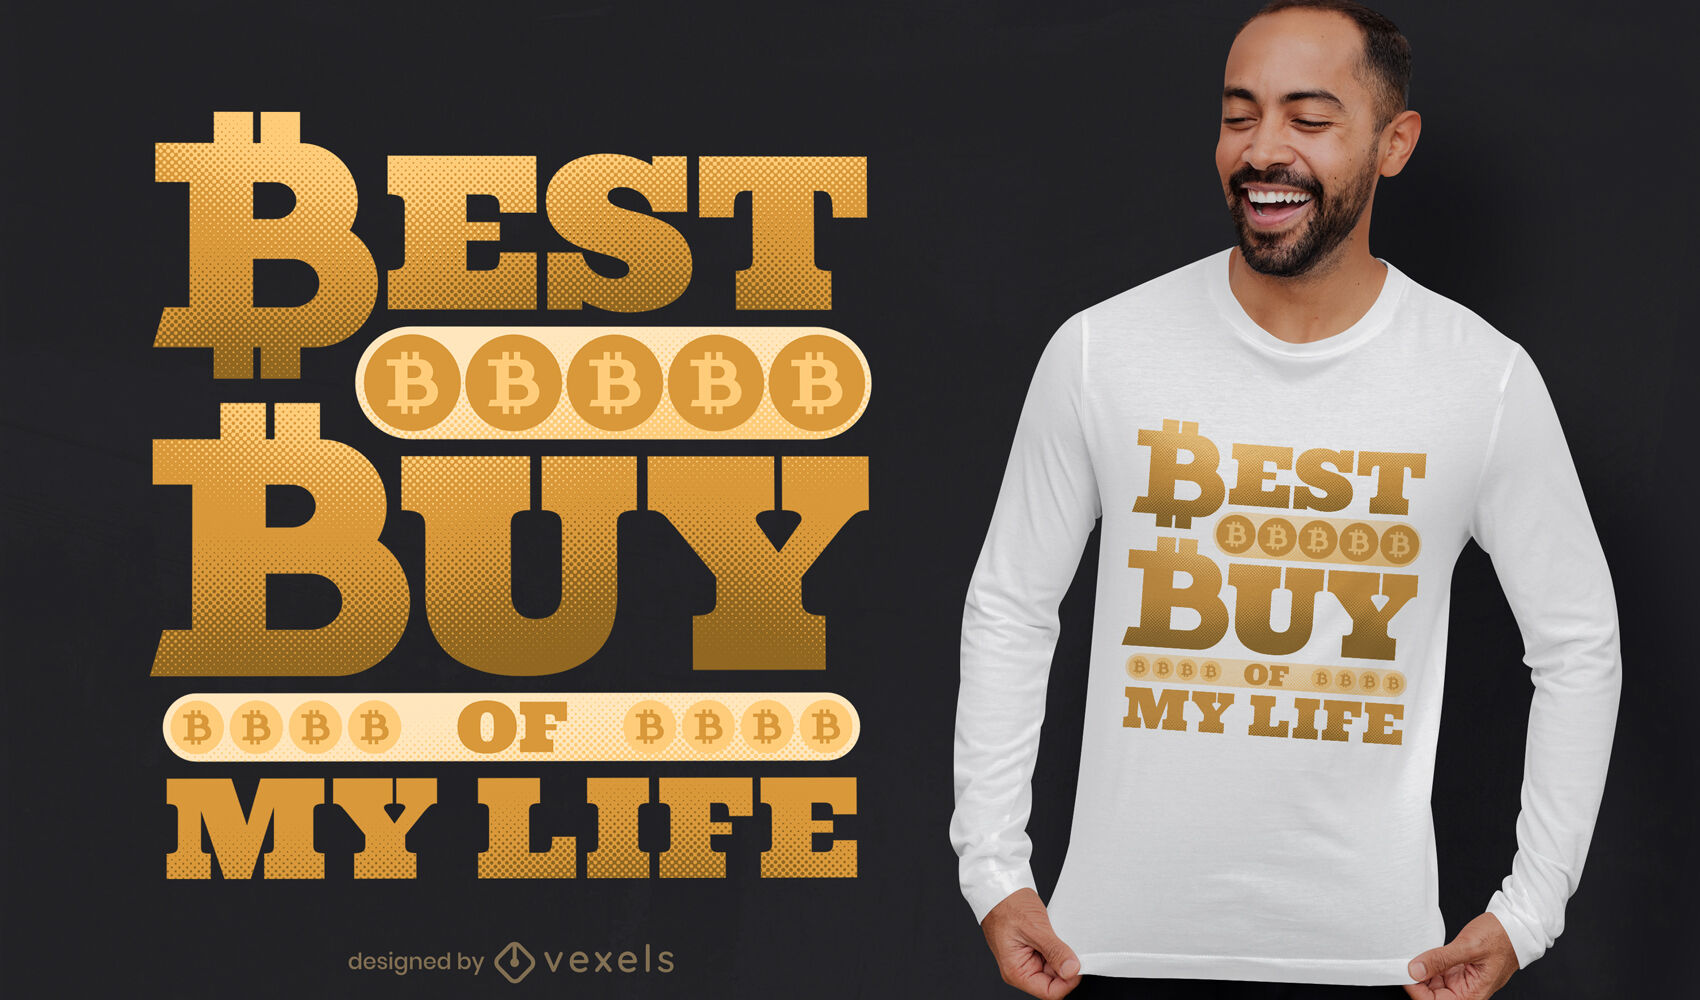 Best buy bitcoin t-shirt design